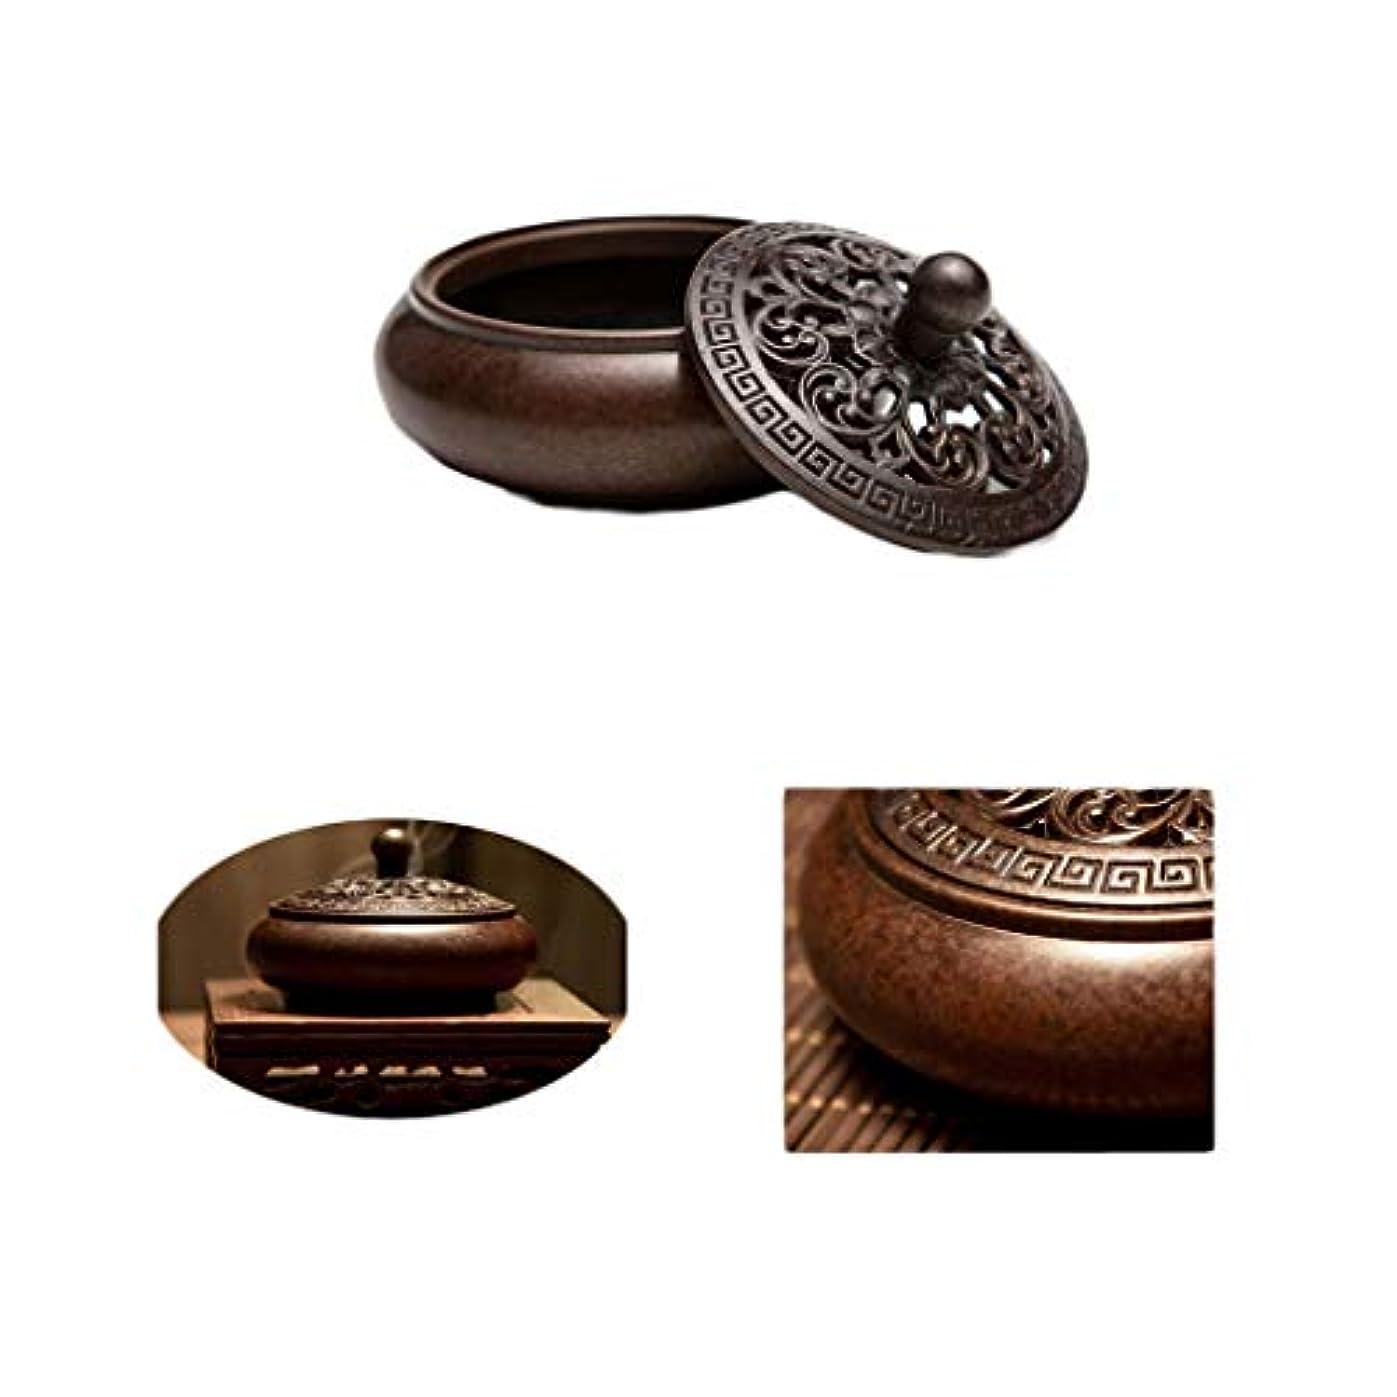 下にアクセル可能ホームアロマバーナー 純銅香炉アンティーク香炉吉祥香炉手作り香炉 アロマバーナー (Color : Brass)